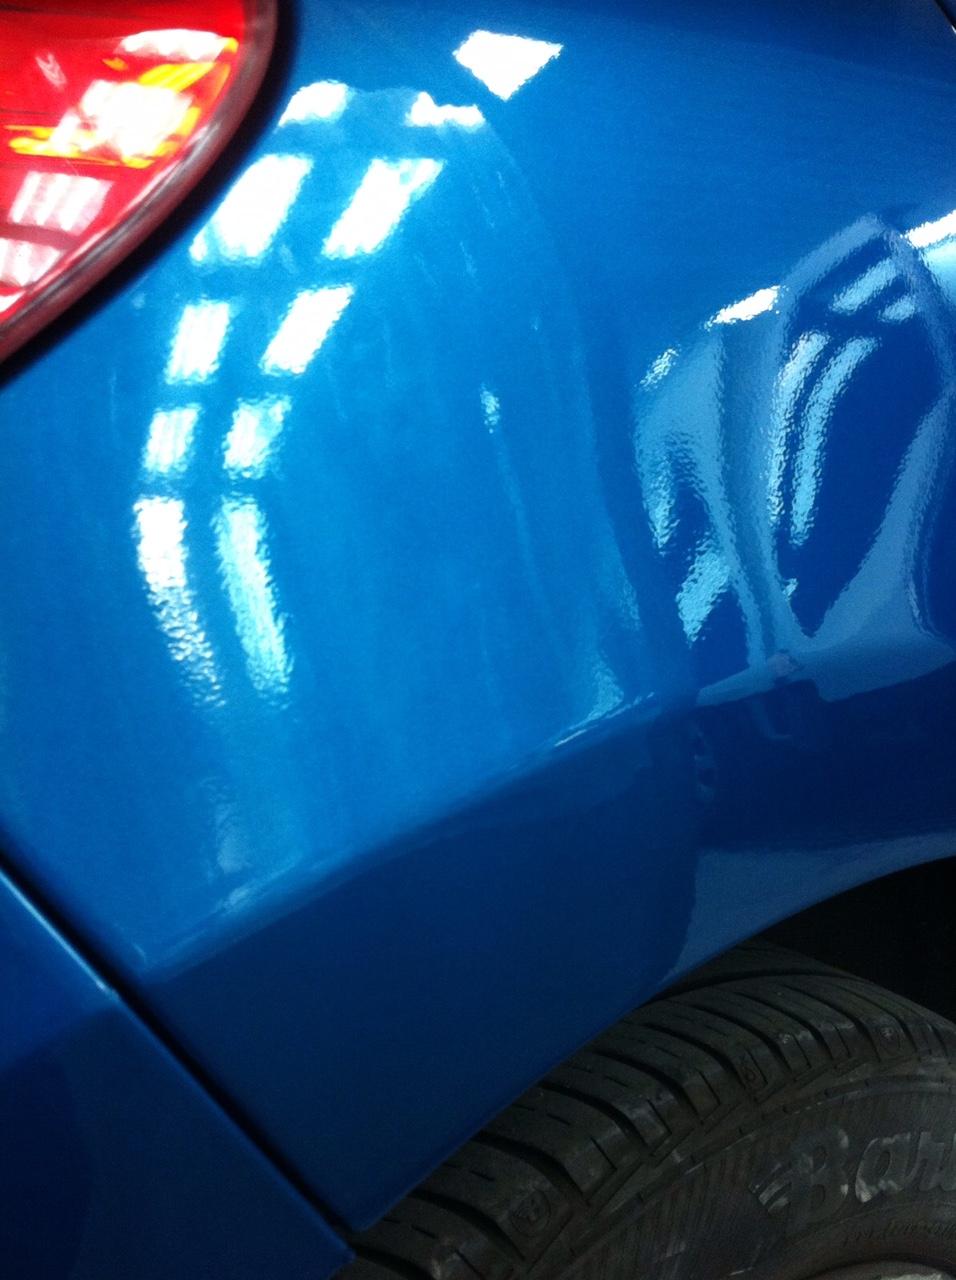 Qué es la piel de naranja en un coche? – Foro Pintura coches